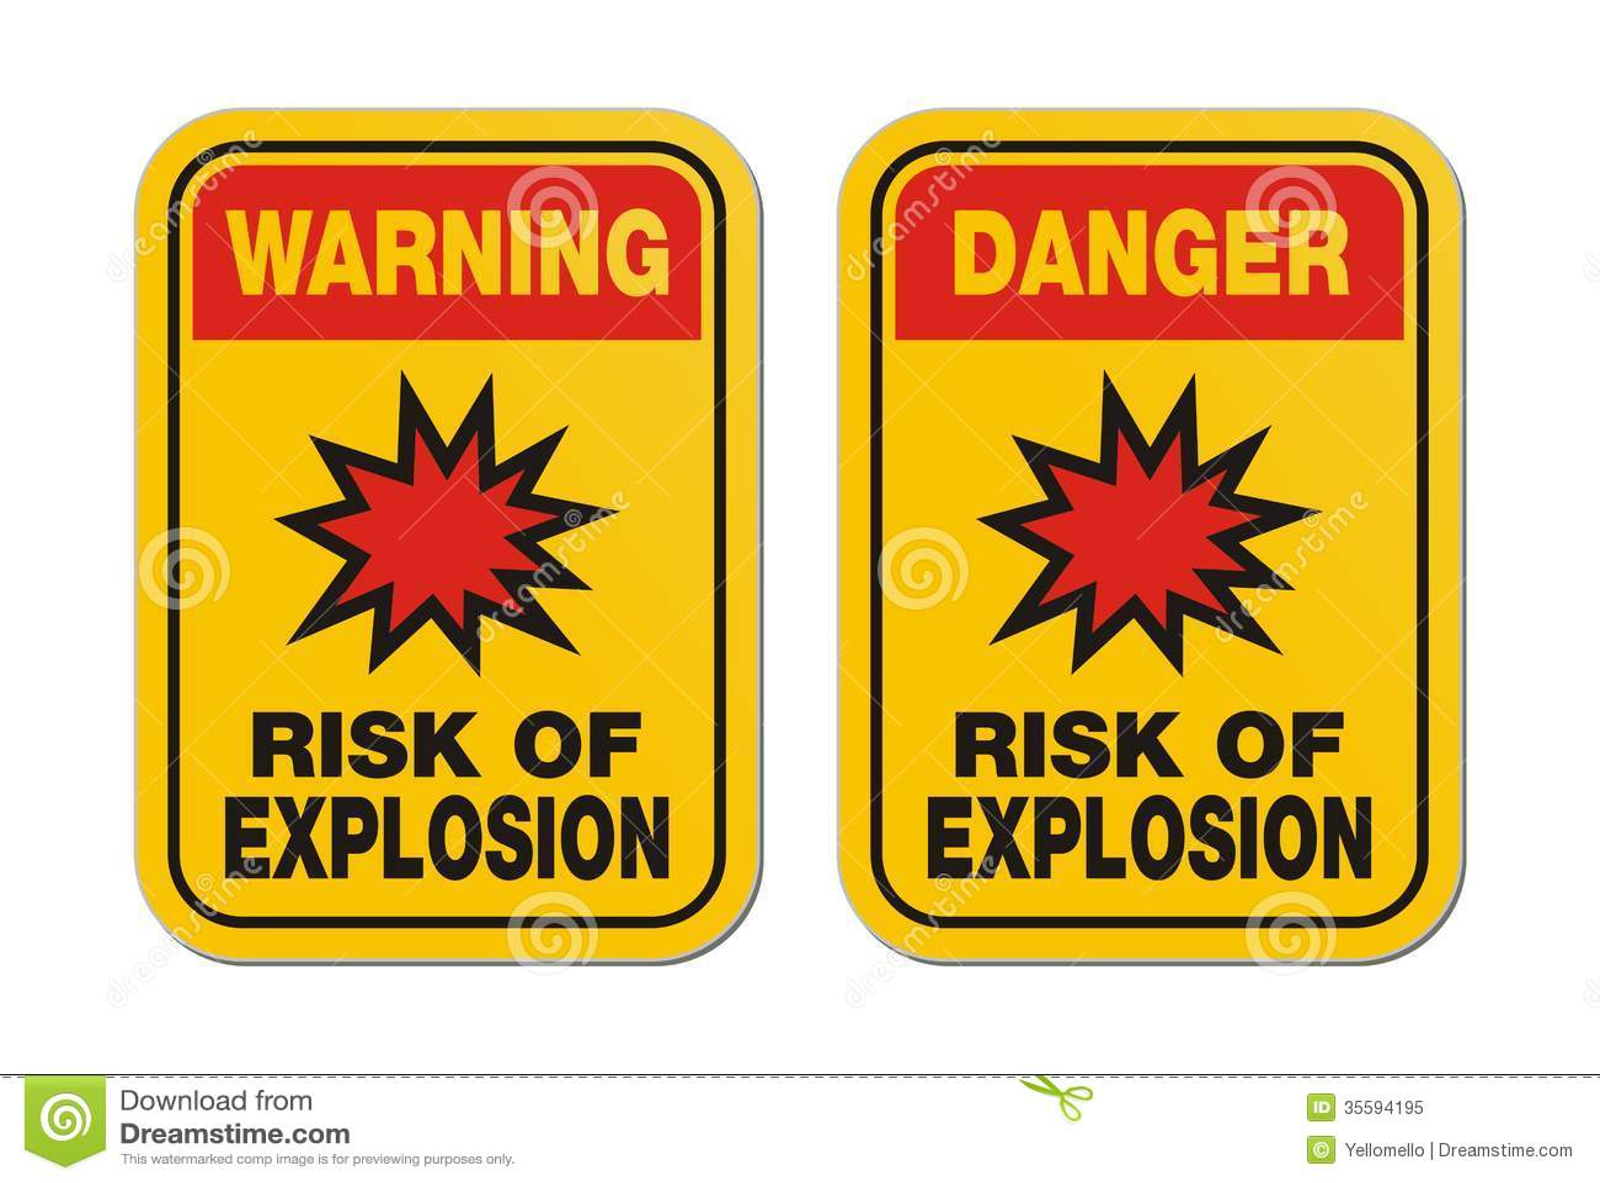 explosive symbol vector corrosive symbol flammable liquid symbol    Explosive Symbol Vector